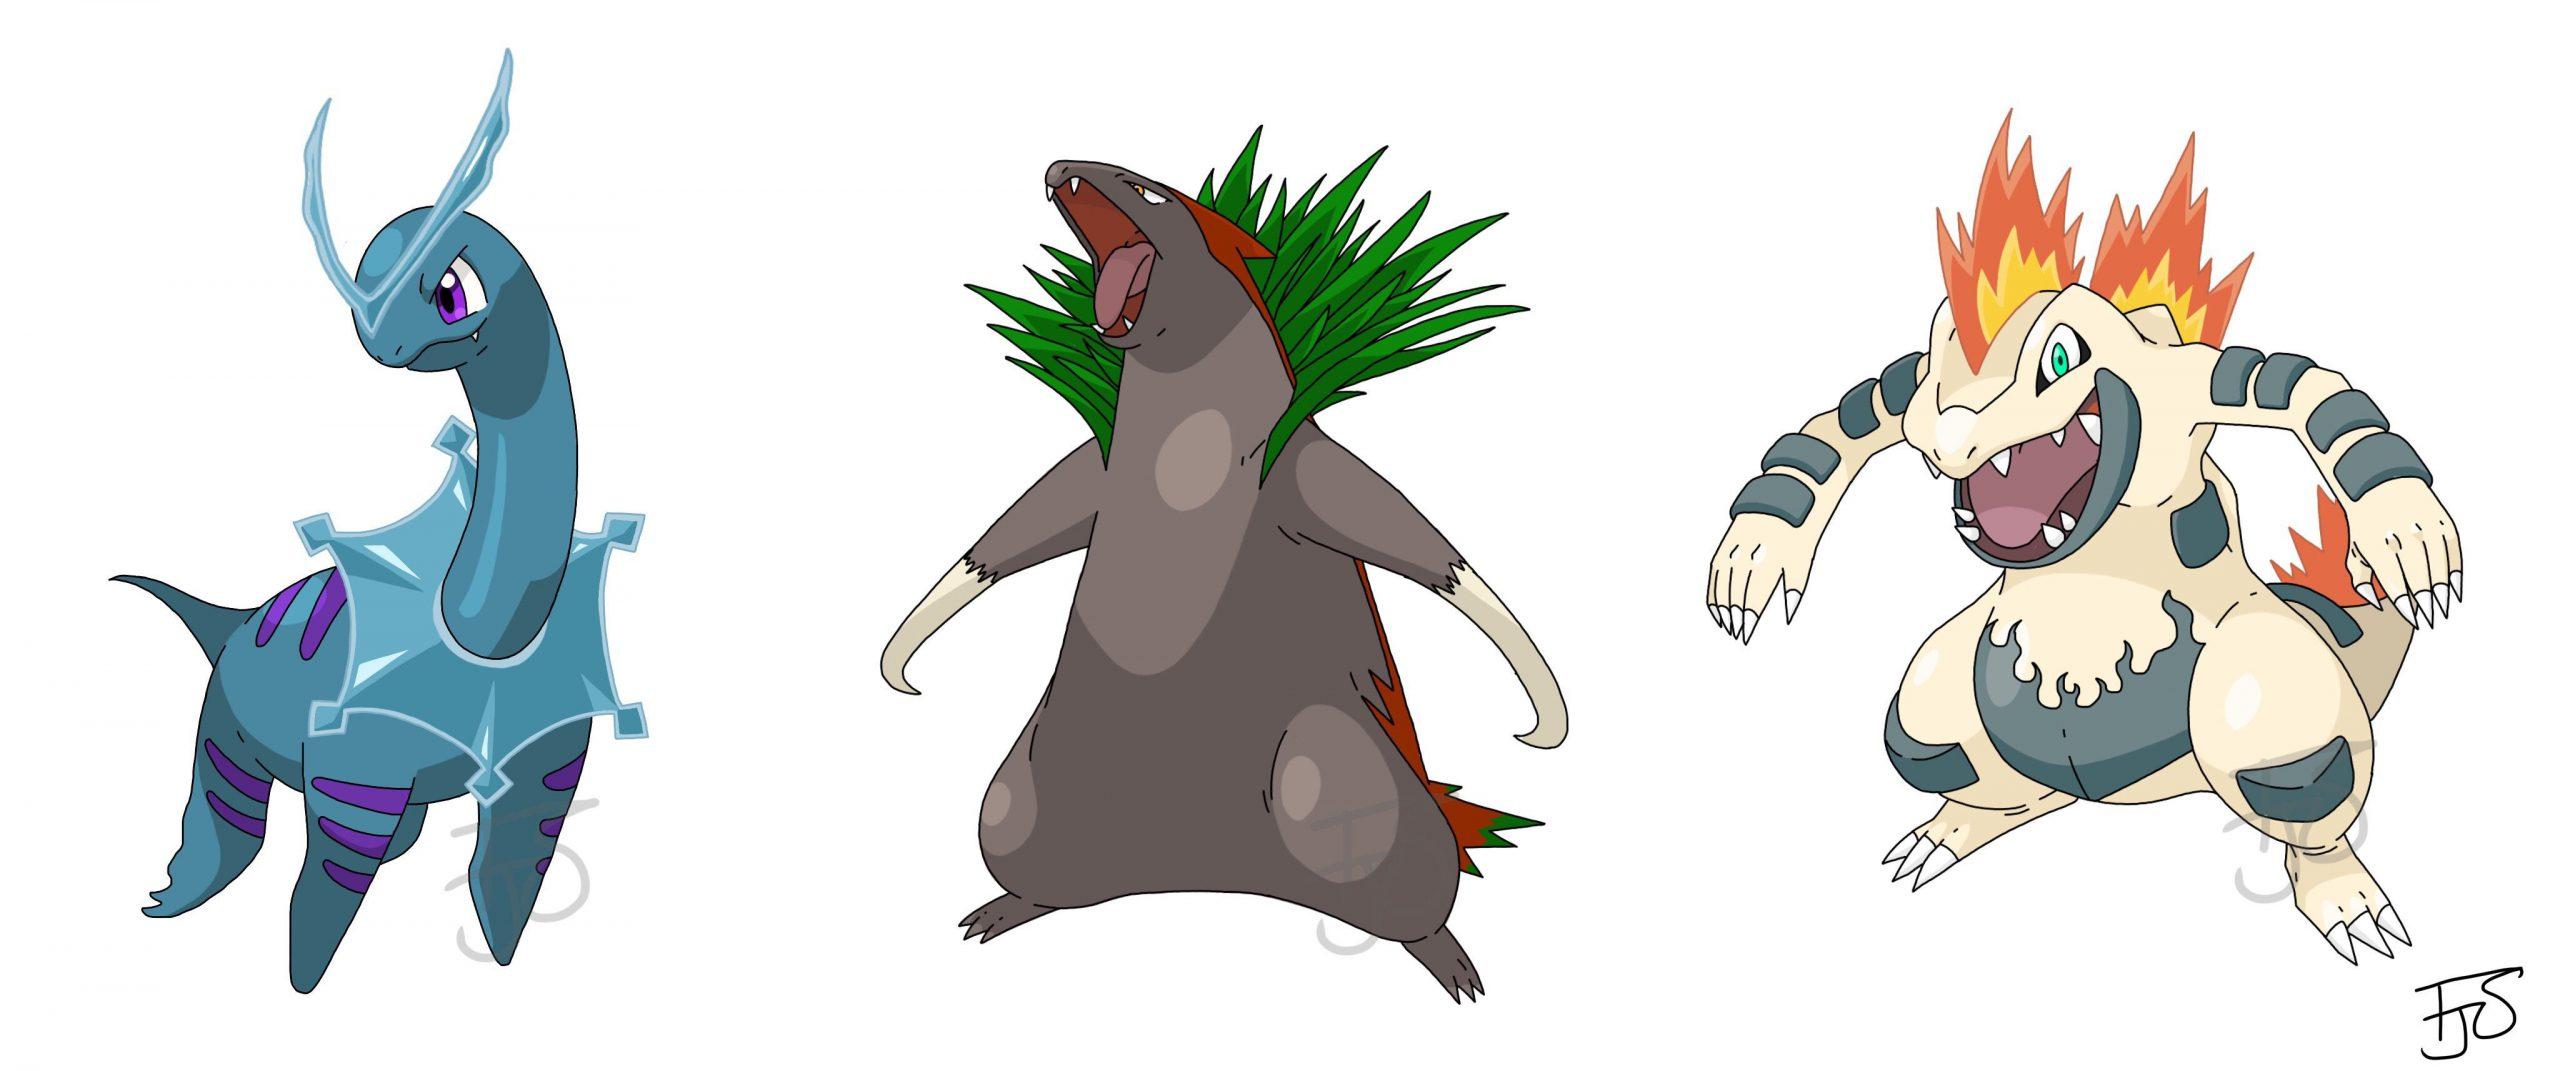 Pokemon Gen 2 Grass Types